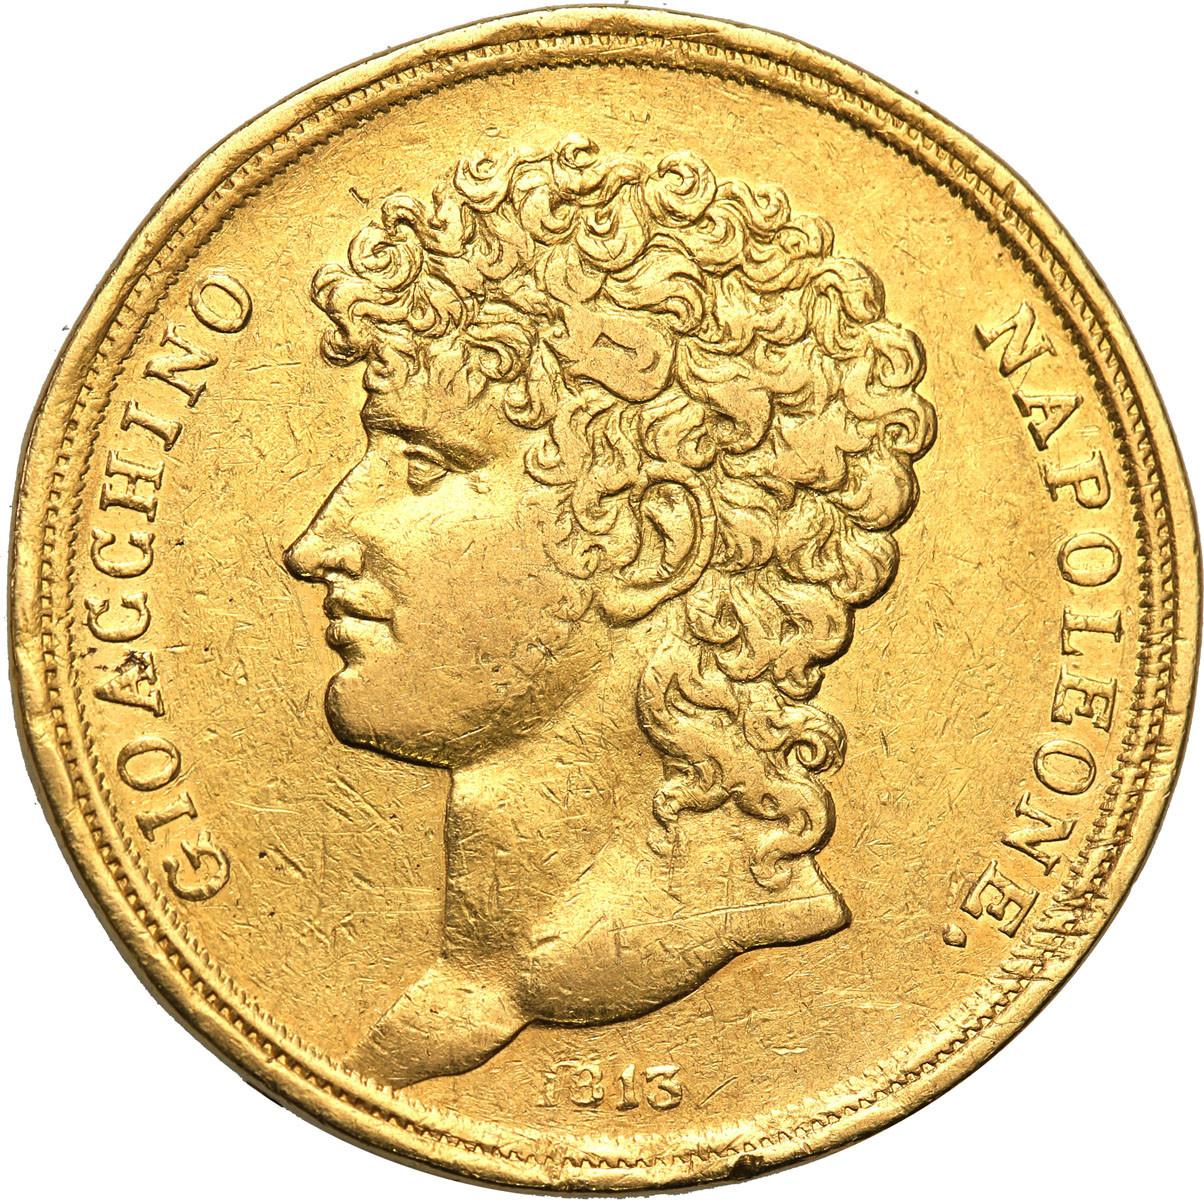 Włochy Neapol 40 Lire (40 lirów) 1813 Joachim Murat RZADKA st.3-